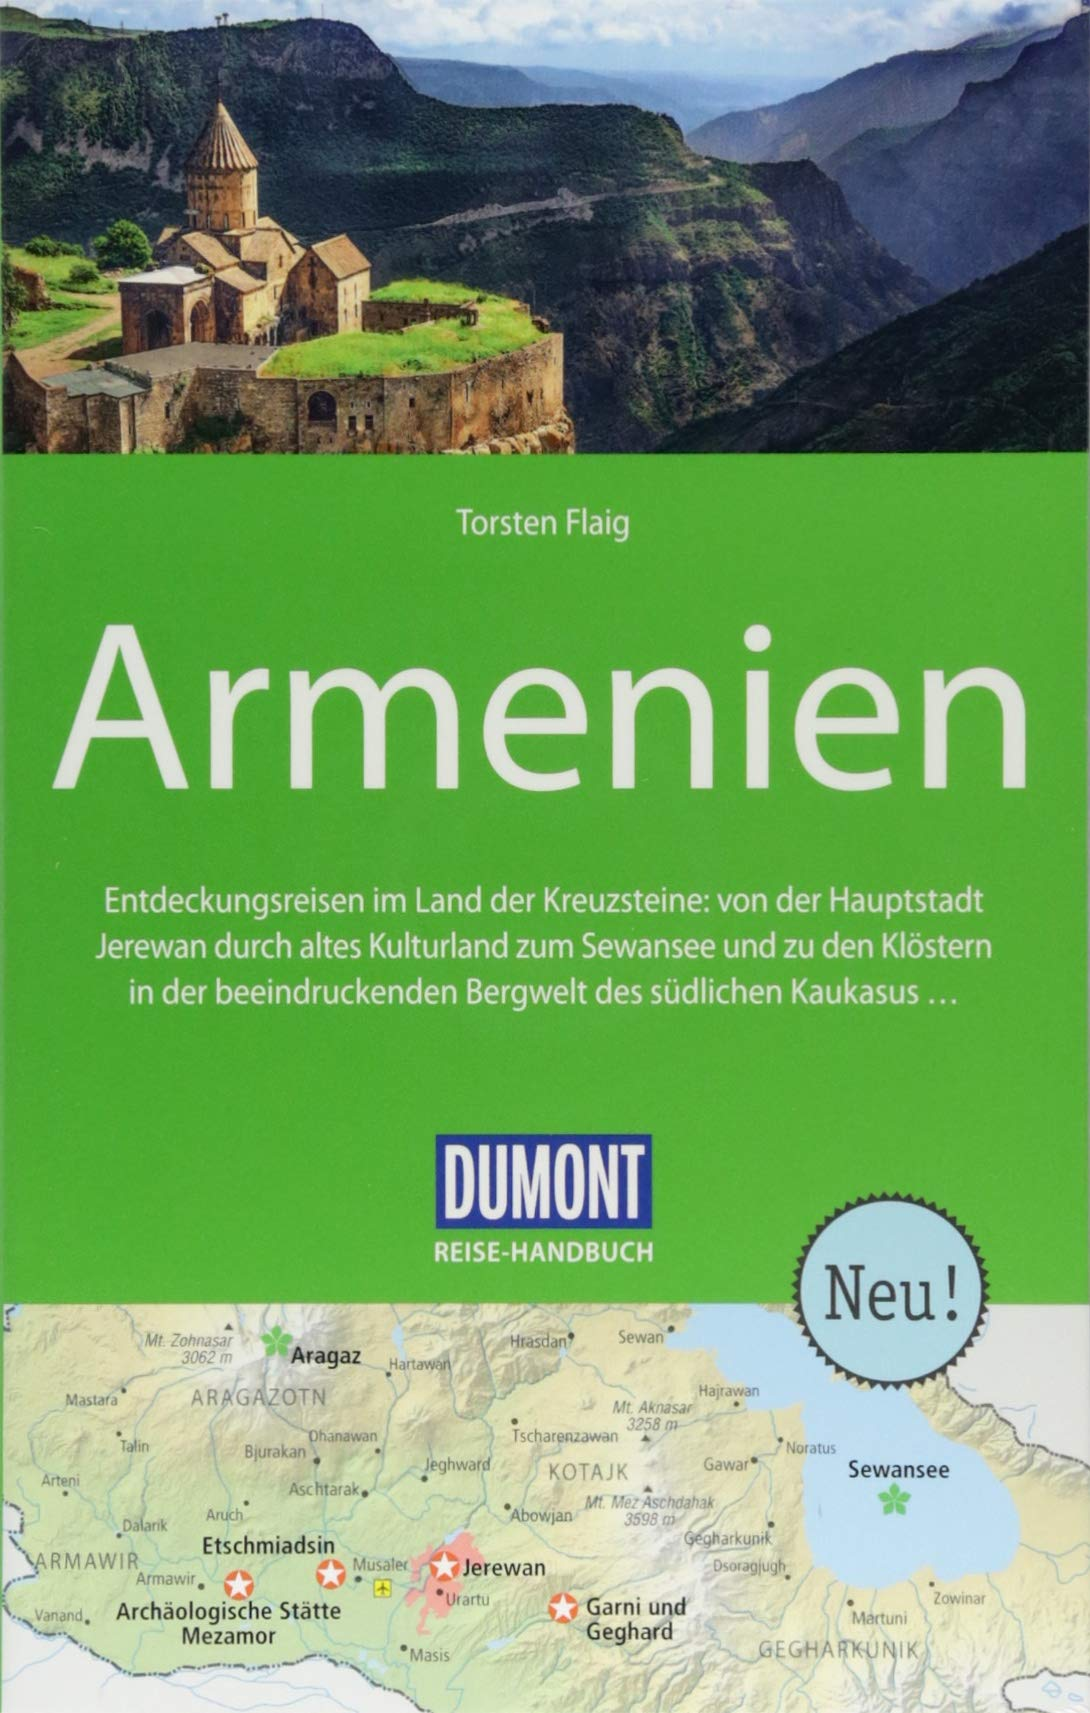 DuMont Reise-Handbuch Reiseführer Armenien: mit Extra-Reisekarte